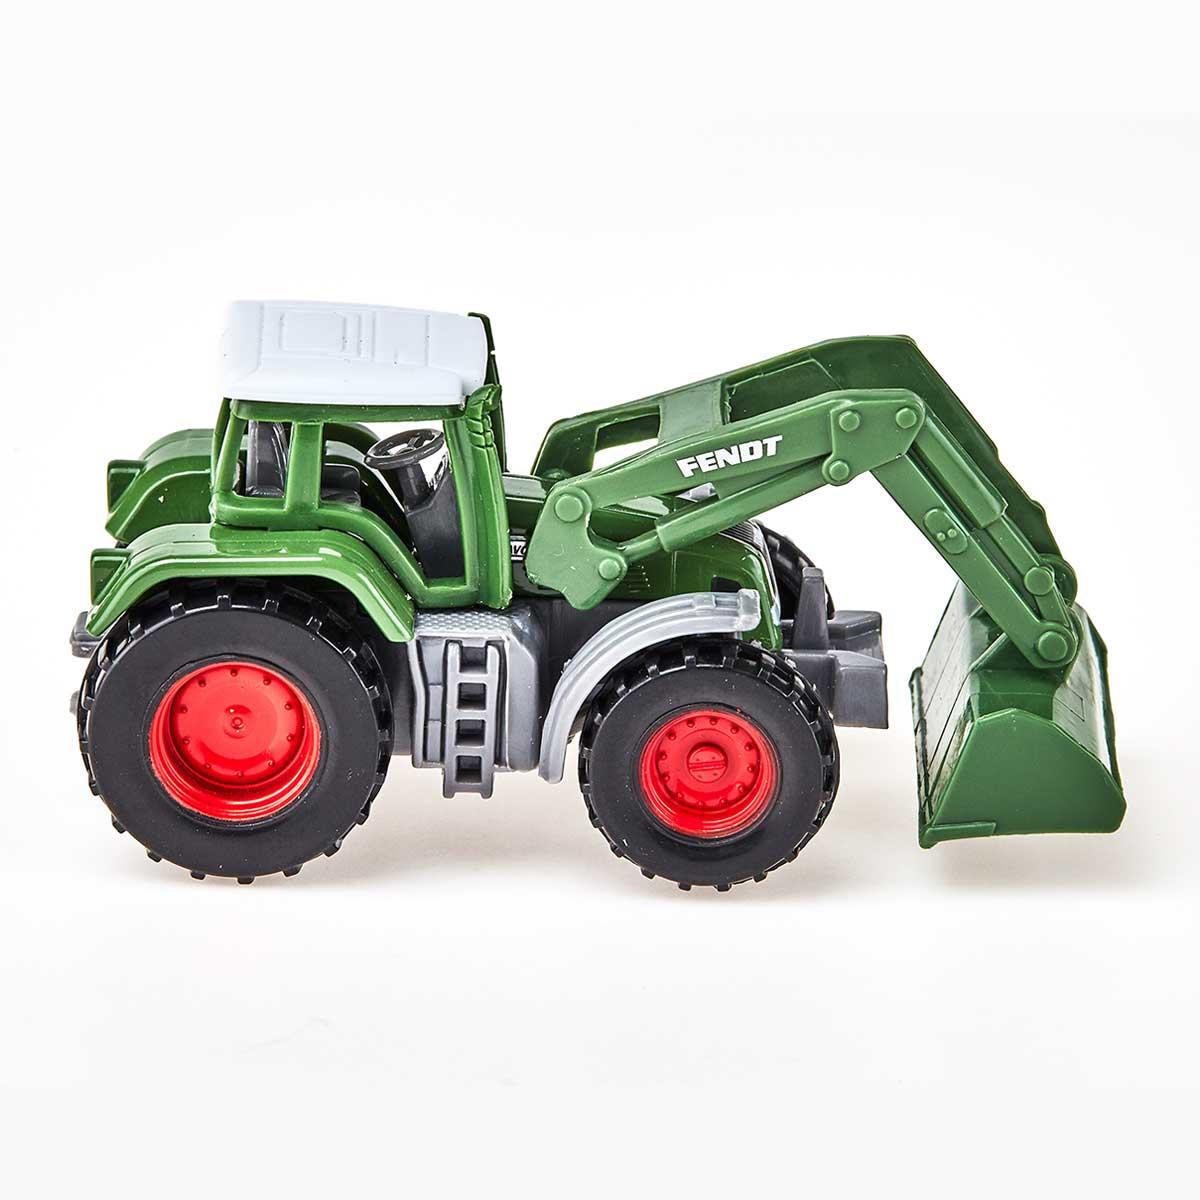 【在庫限り】Fendt トラクター フロントローダー付き(ジク・SIKU)